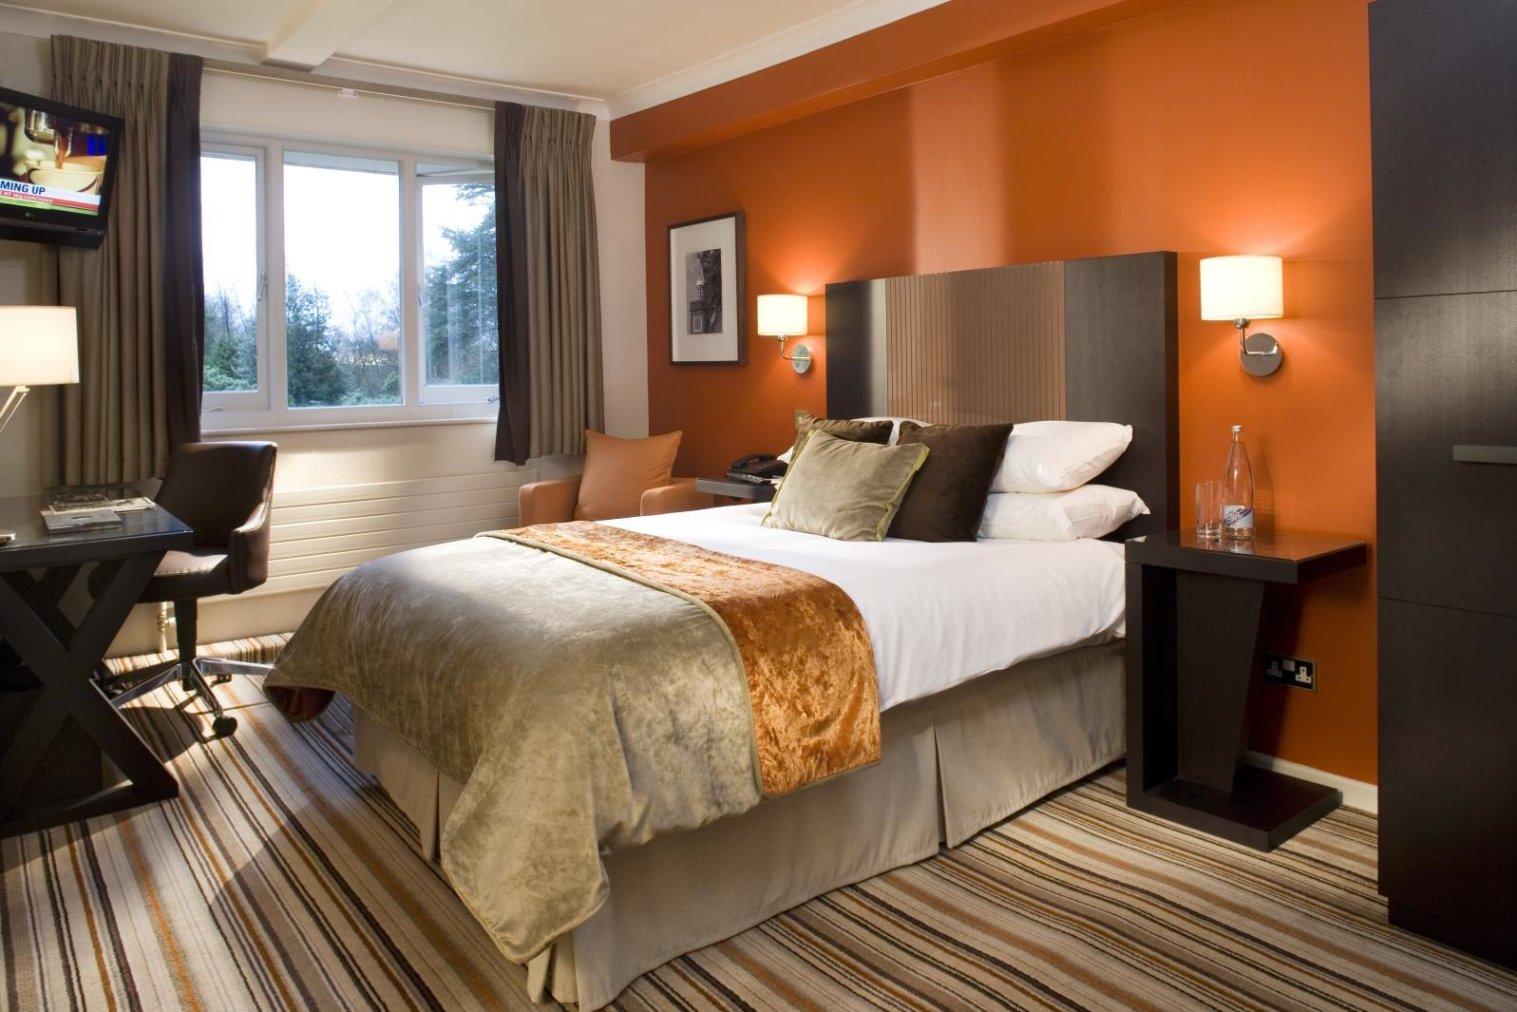 bedroom color idea photo - 1